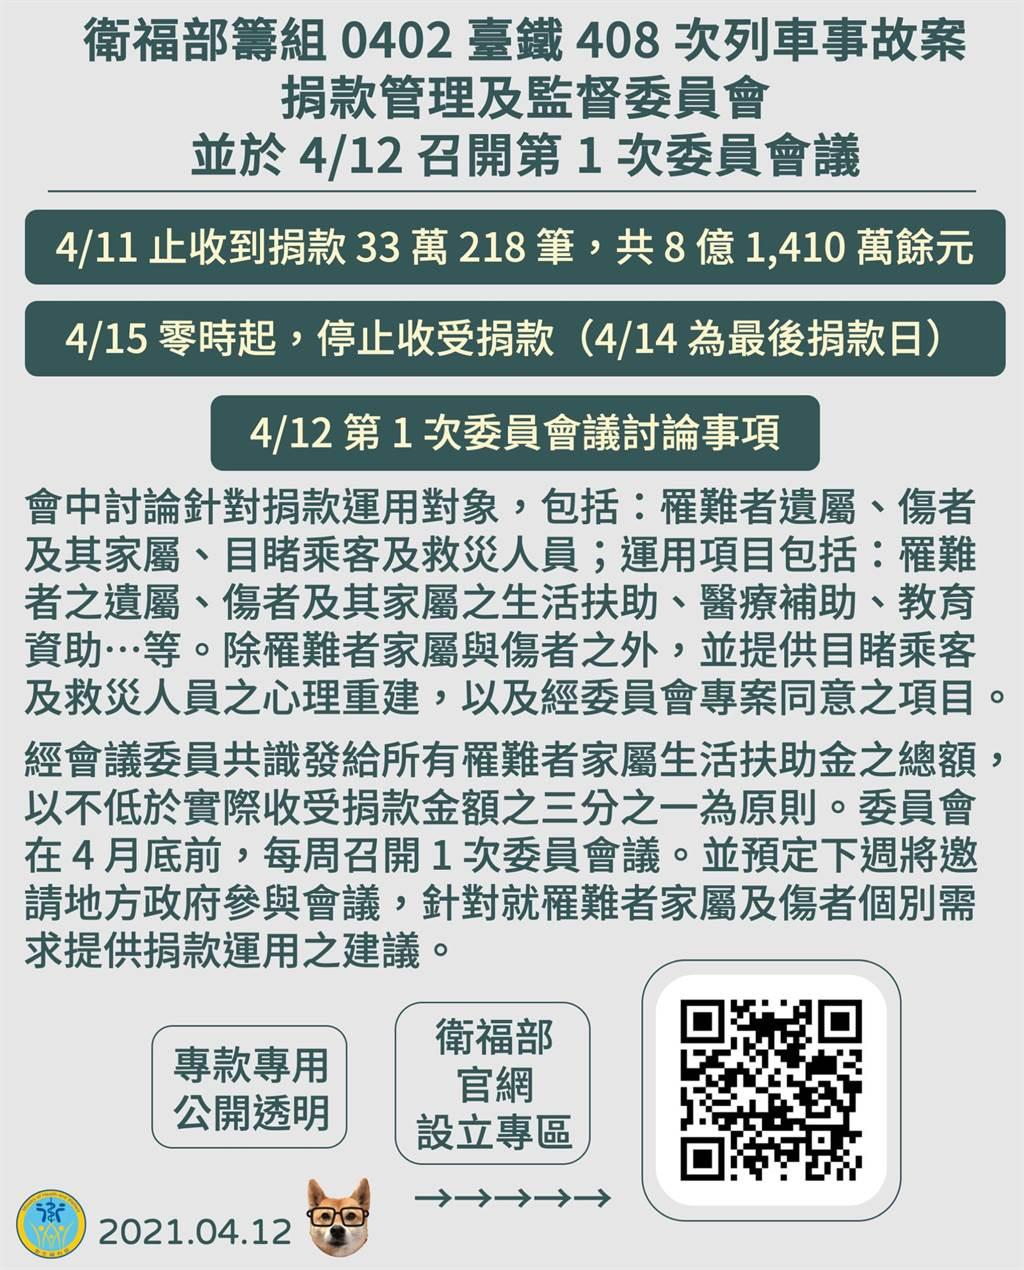 衛福部昨晚在臉書公布太魯閣賑災善款金額,並針對善款公布使用方向。(圖/翻攝自衛福部臉書)